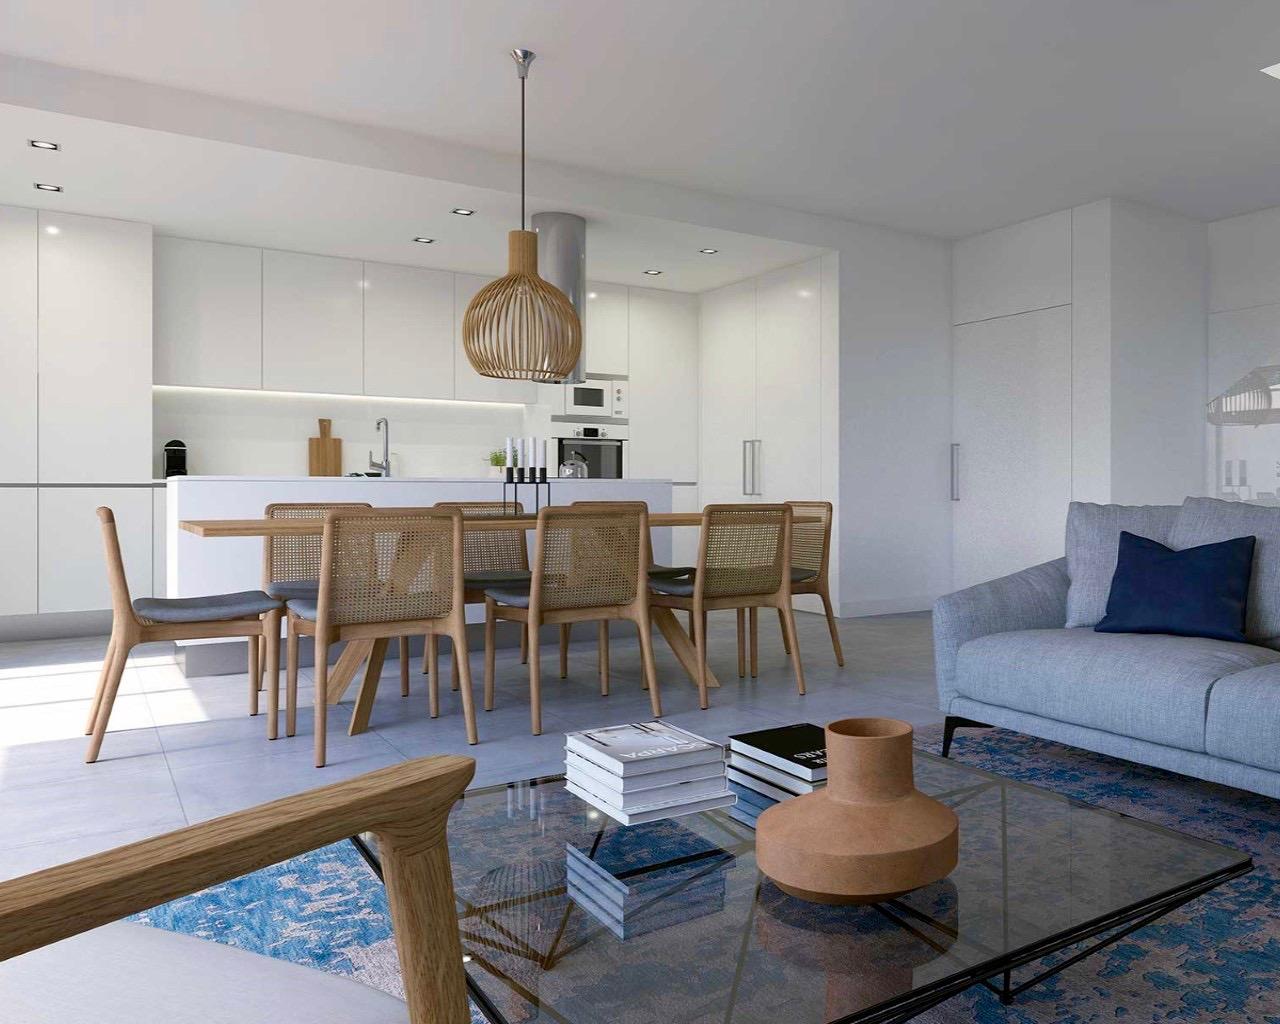 Maison contemporaine de 3 chambres dans un condominium fermé à Ferragudo  - 3 Chambres